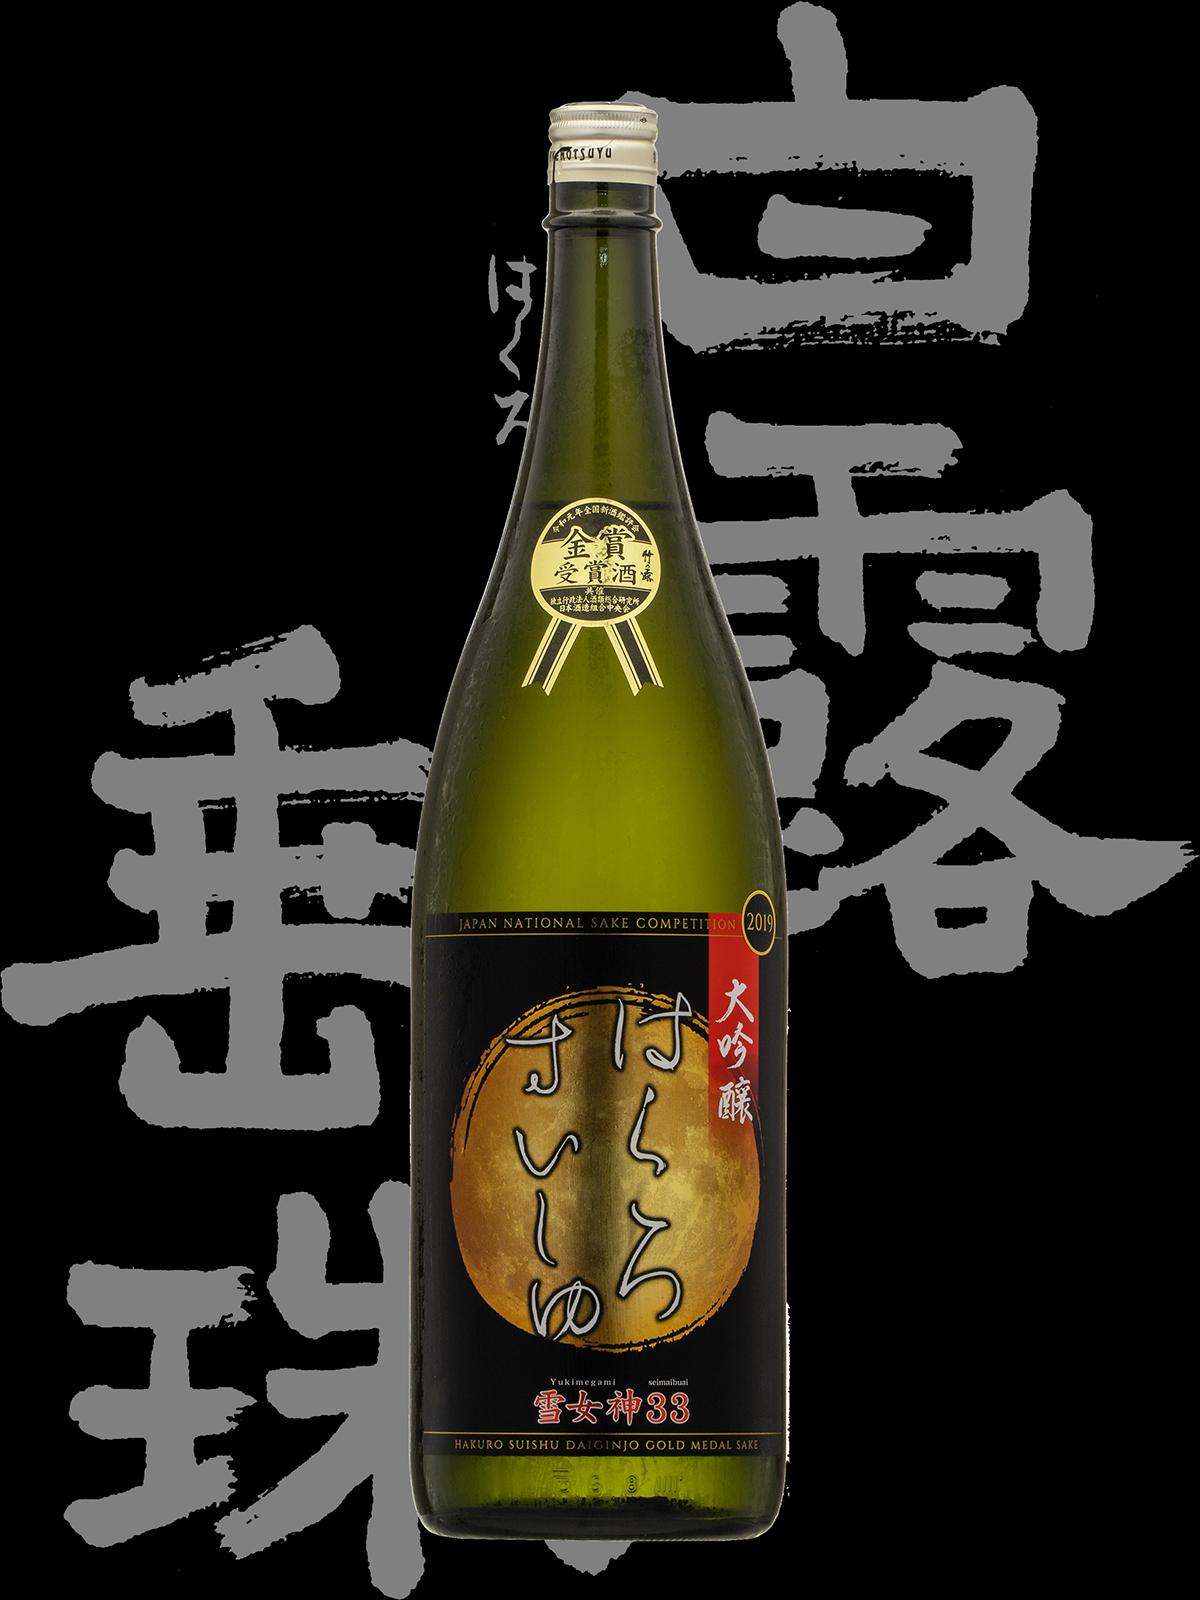 白露垂珠(はくろすいしゅ)「大吟醸」雪女神33金賞受賞酒